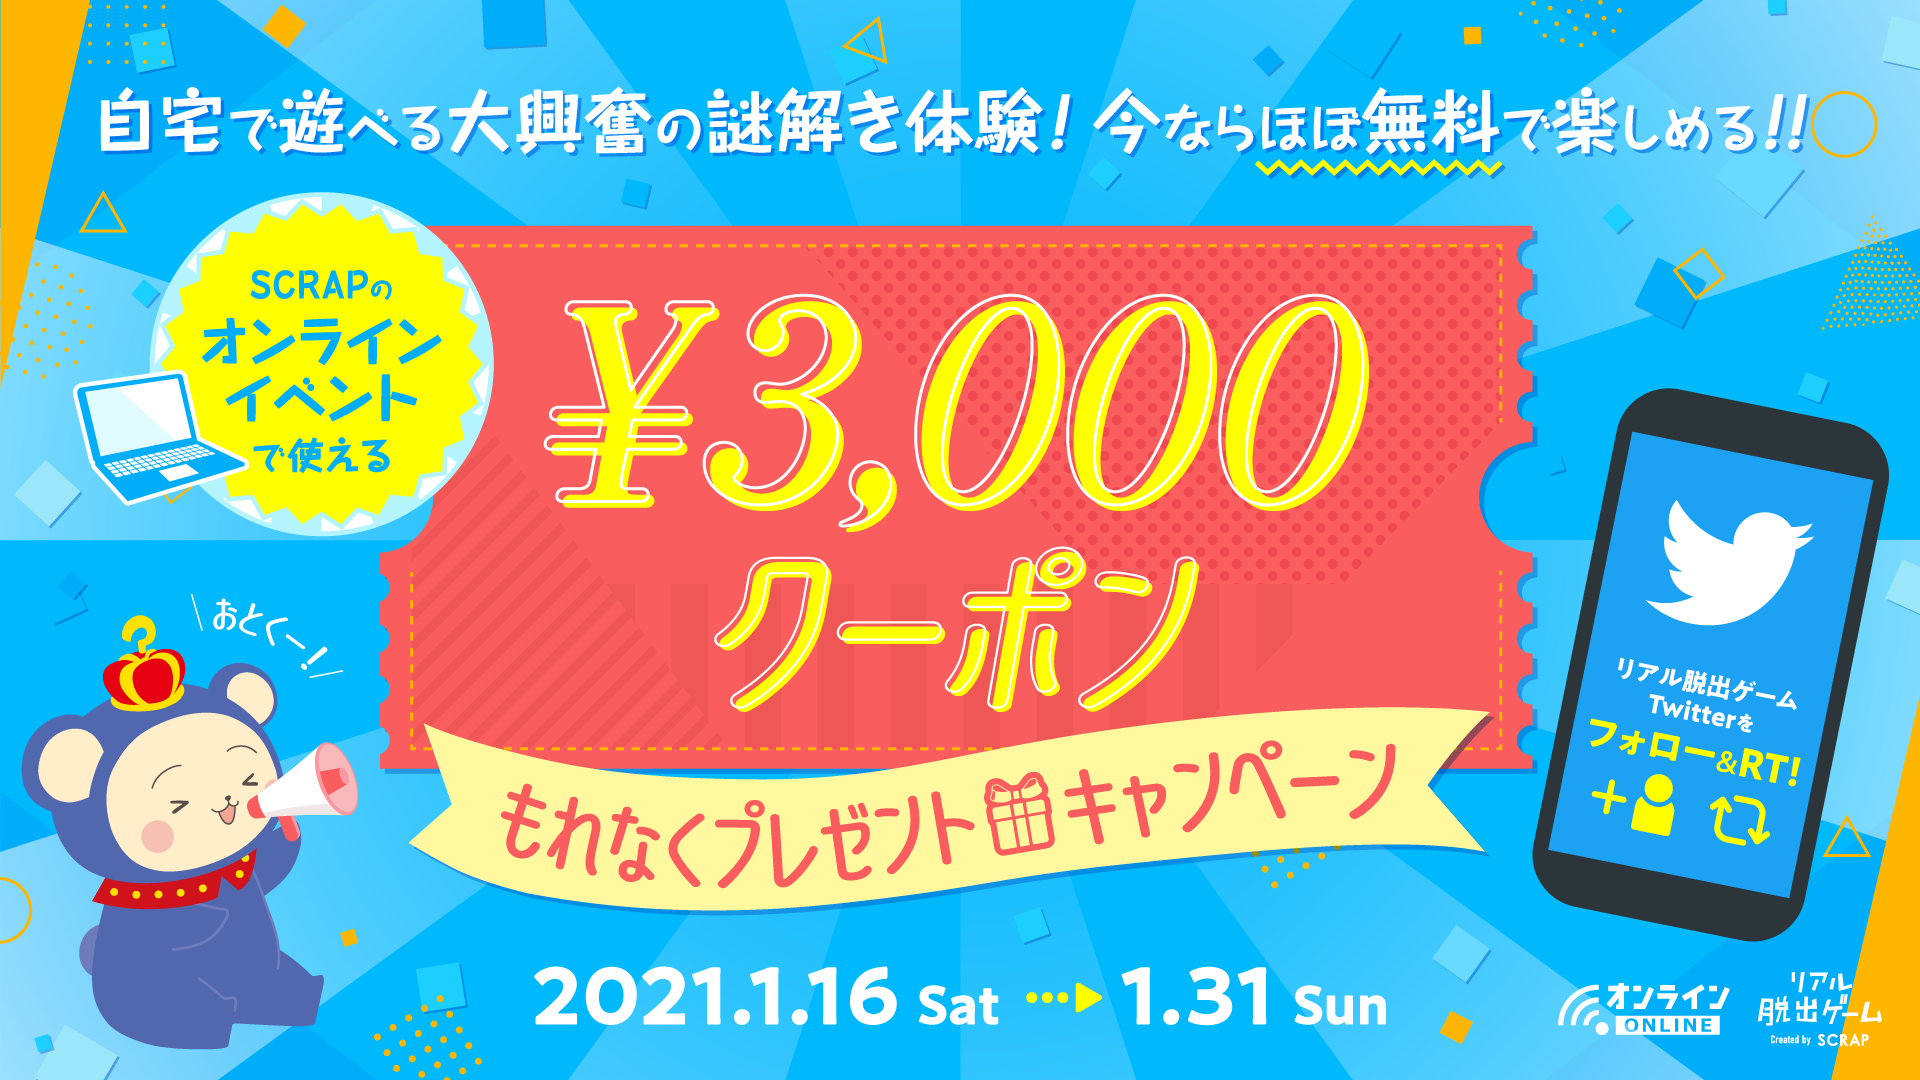 謎解きゲームのSCRAPで使える3000円分クーポン券がもれなく貰える。ほぼ無料で体験可能。~1/31。